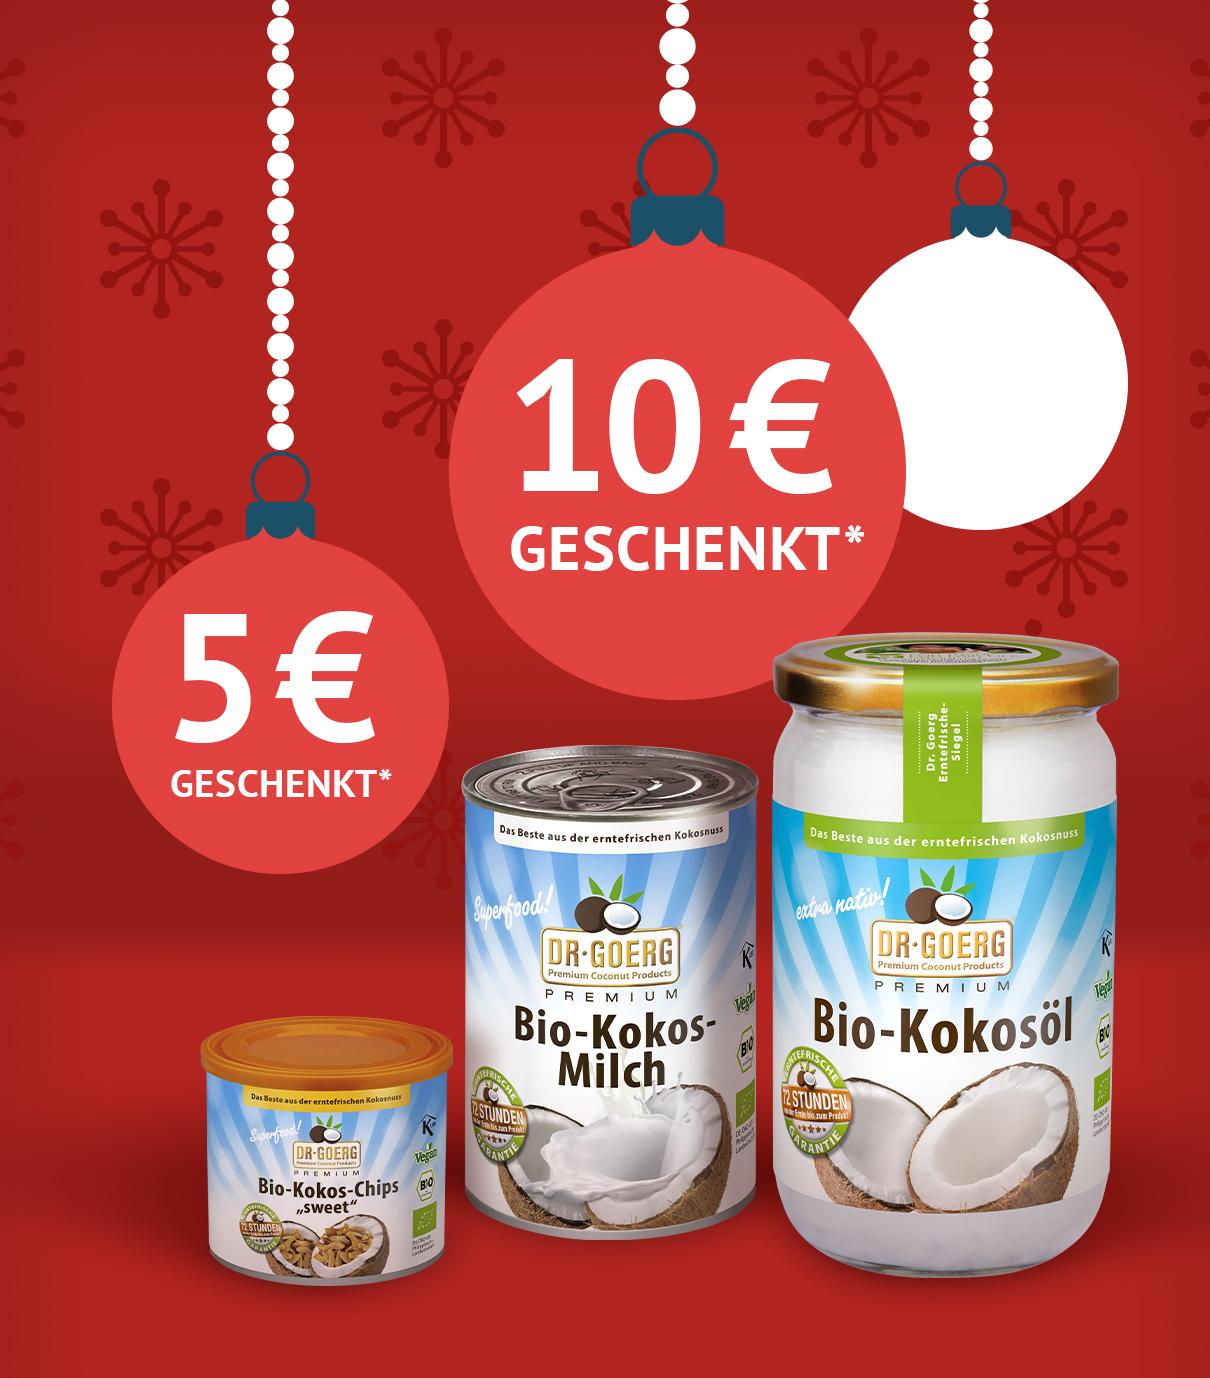 10€ Geschenkt